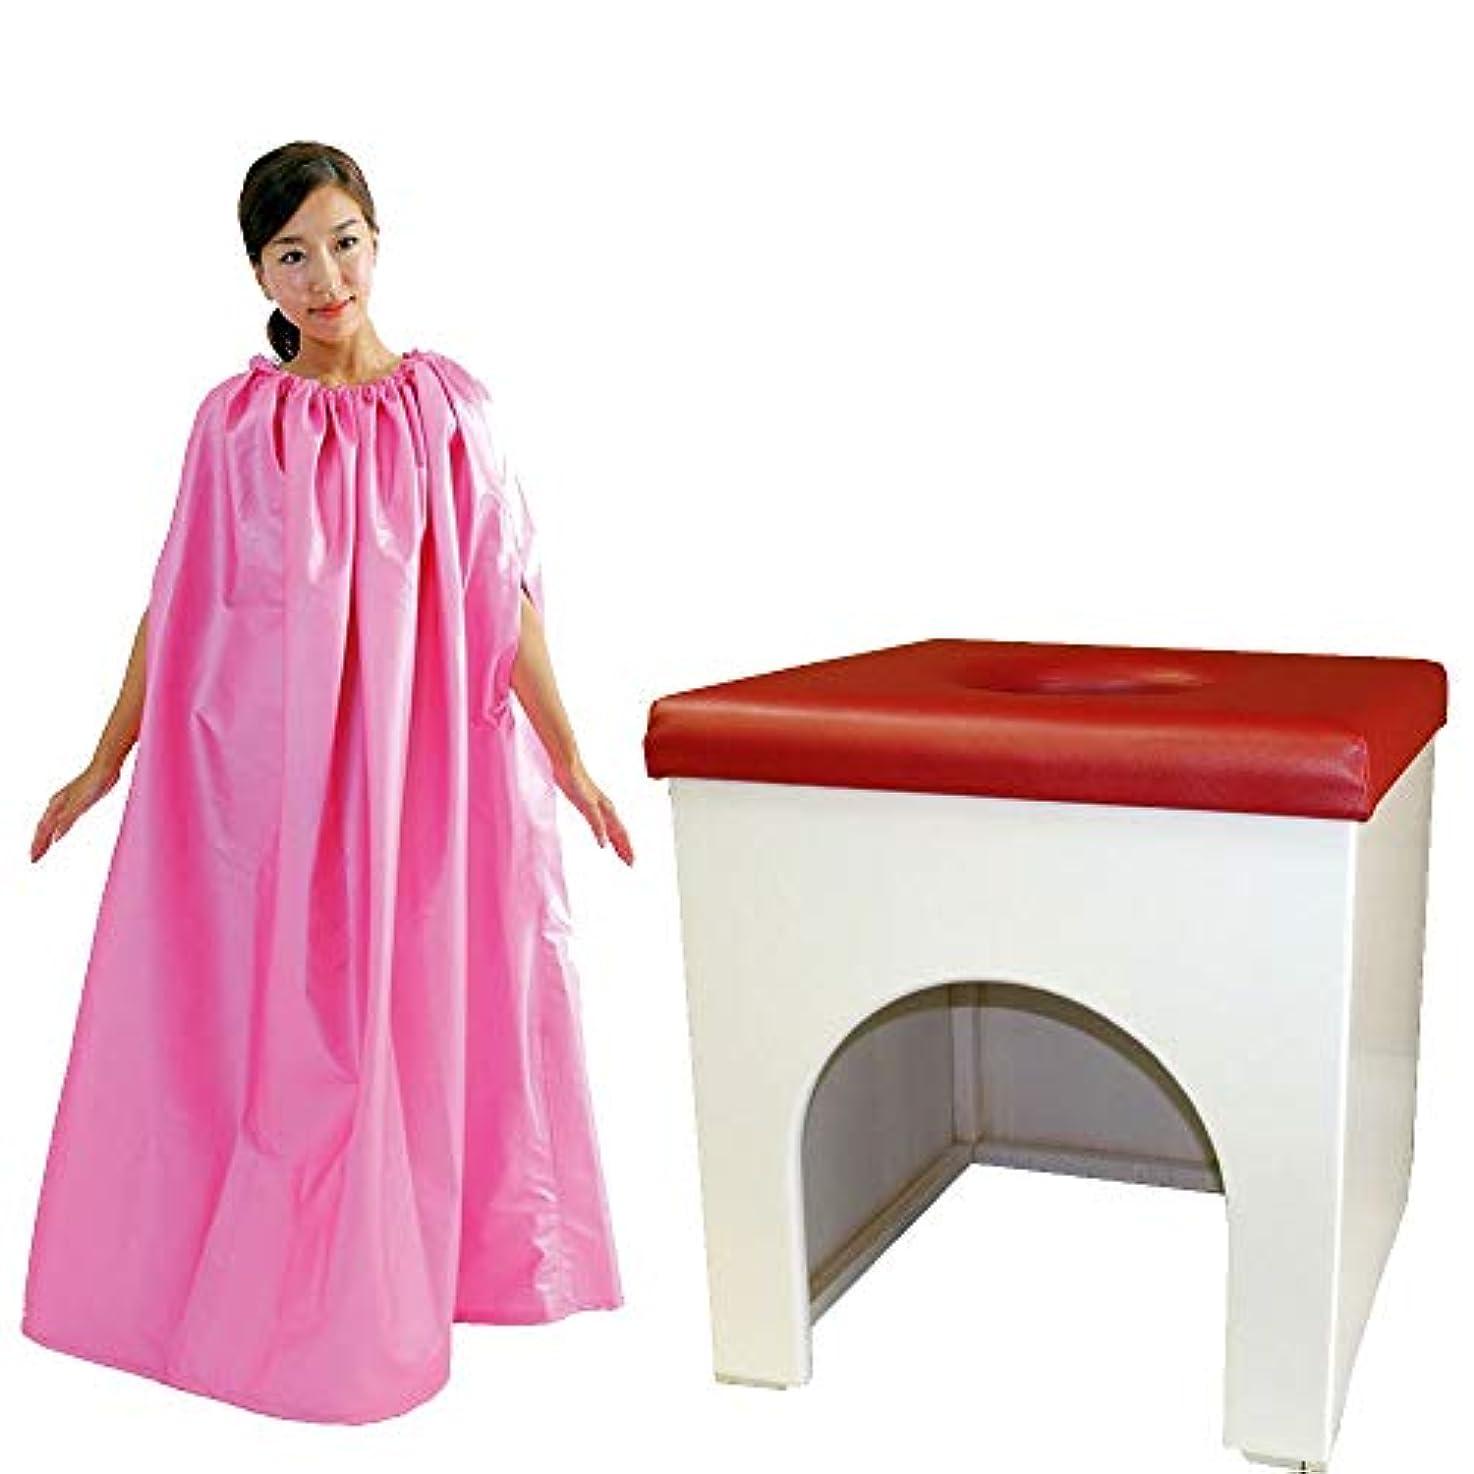 請求必需品バッジ【WR】まる温よもぎ蒸し【白椅子(ワインレッドシート)セット】専用マント?薬草60回分?電気鍋【期待通りの満足感をお届けします!】/爽やかなホワイトカラーで、人体に無害な塗装仕上げで通常の椅子より長持ちします! (ピンク)